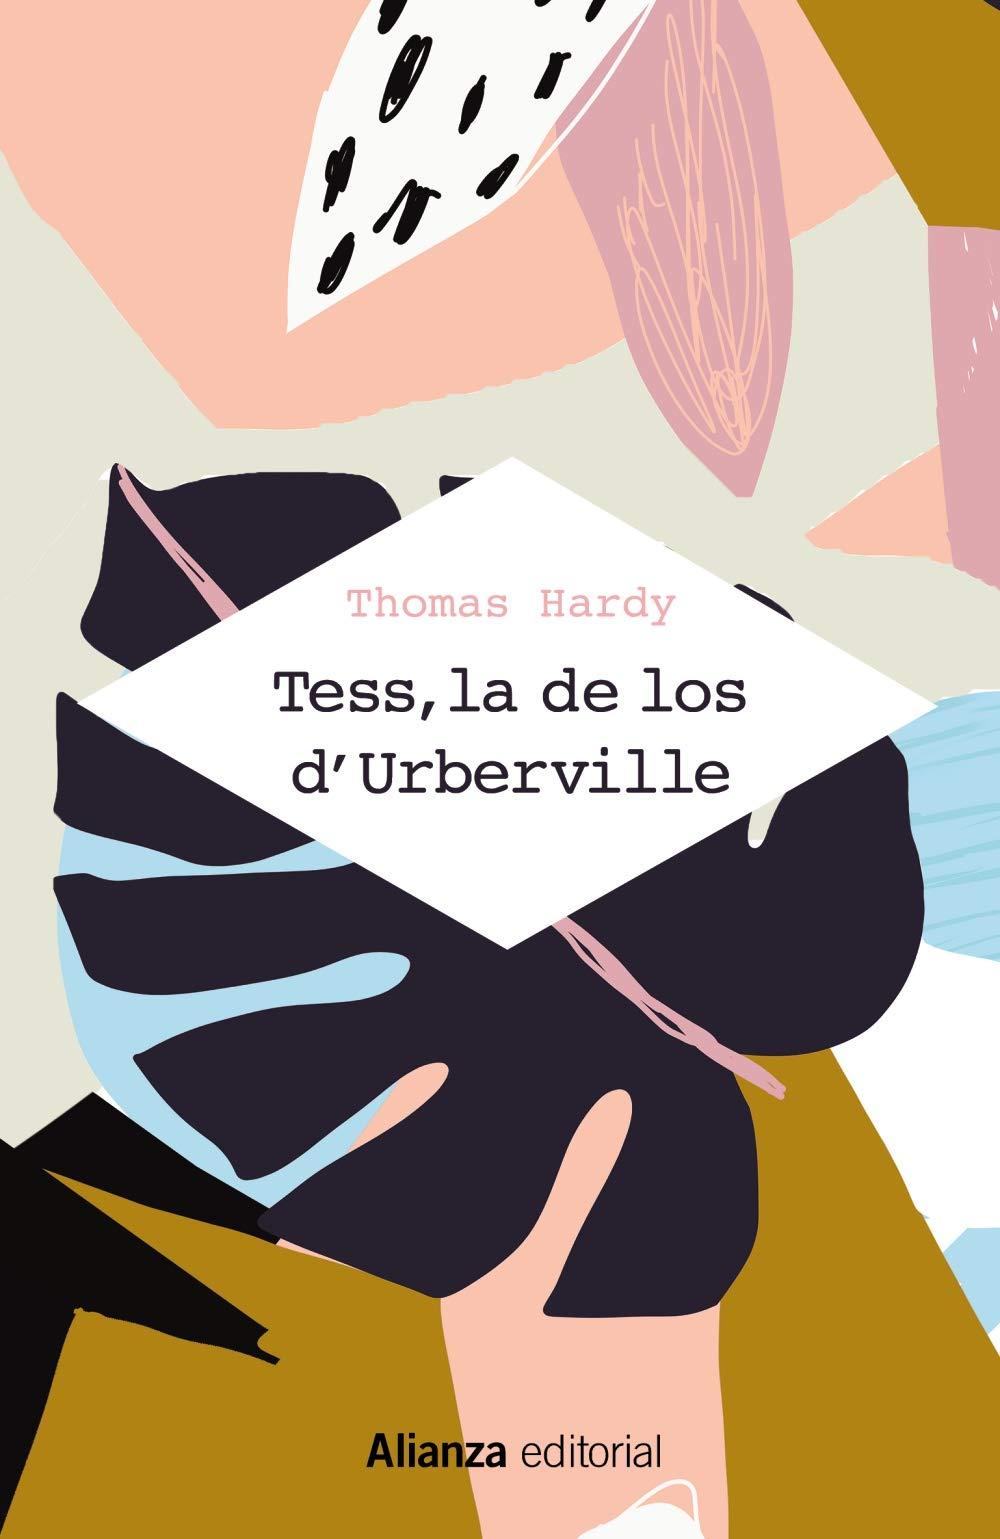 Tess, la de los dUrberville: (Una mujer pura): Amazon.es: Hardy, Thomas, Ortega y Gasset, M.: Libros